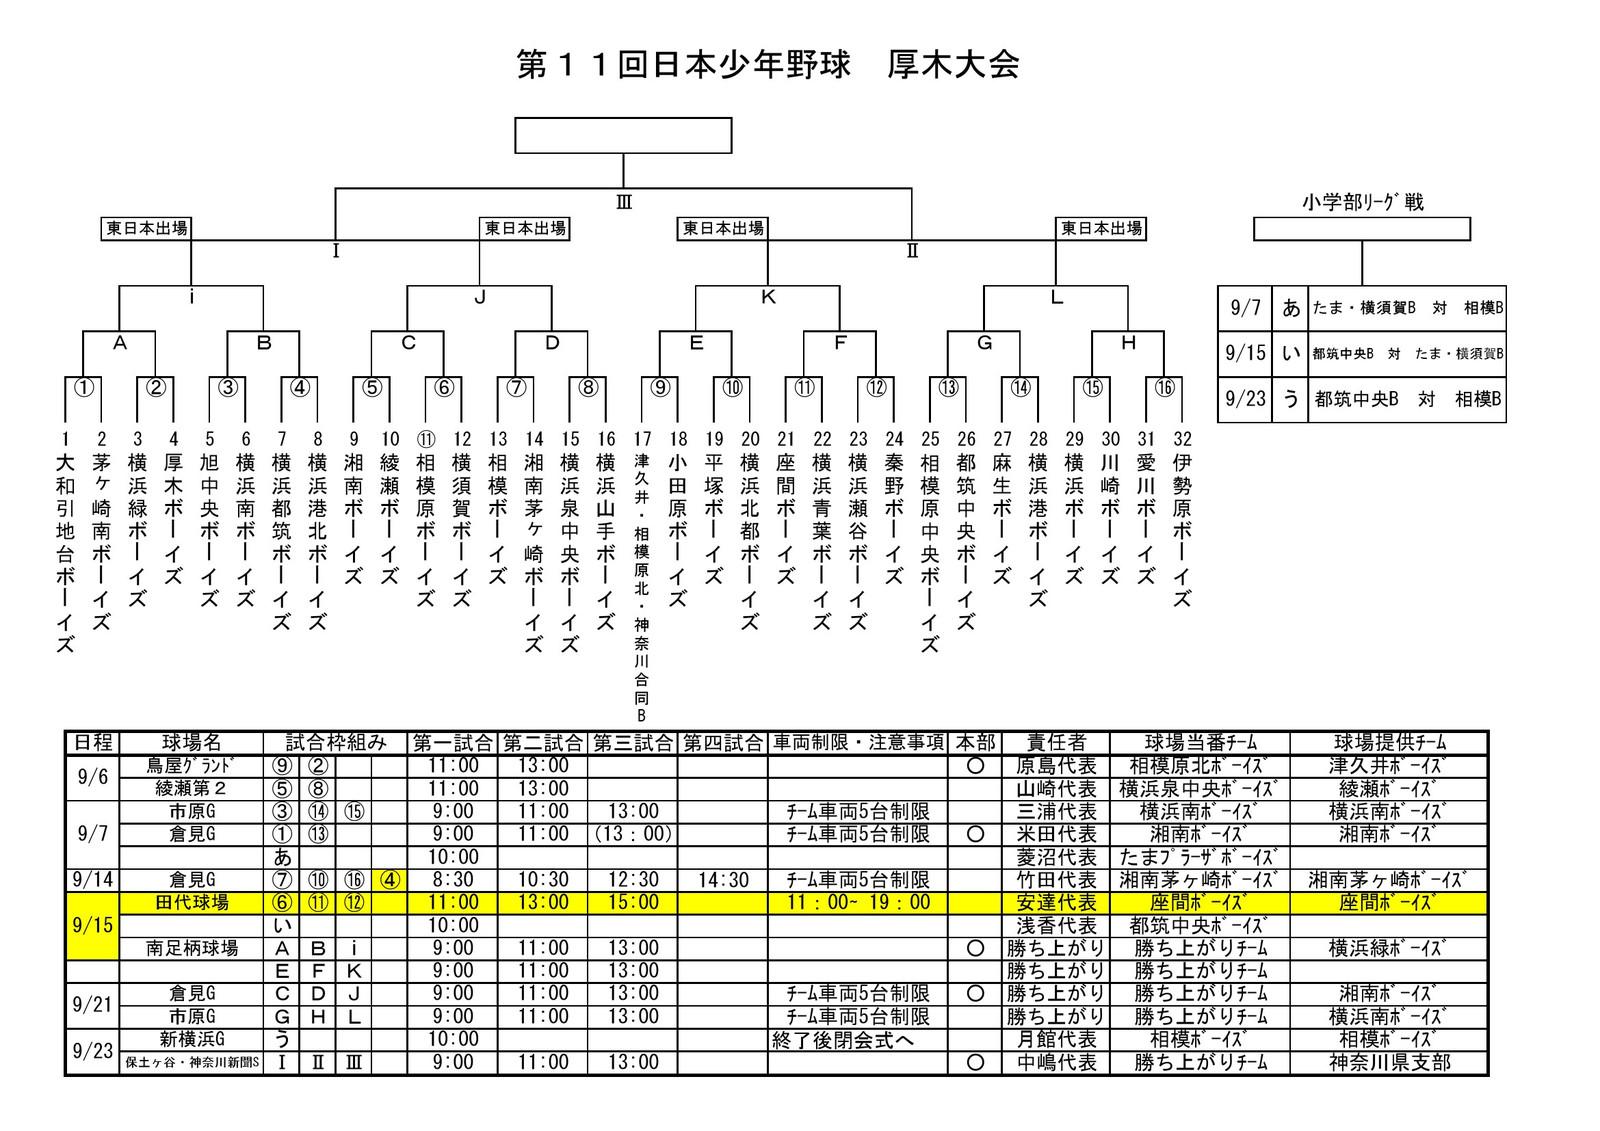 20140825_atsugi